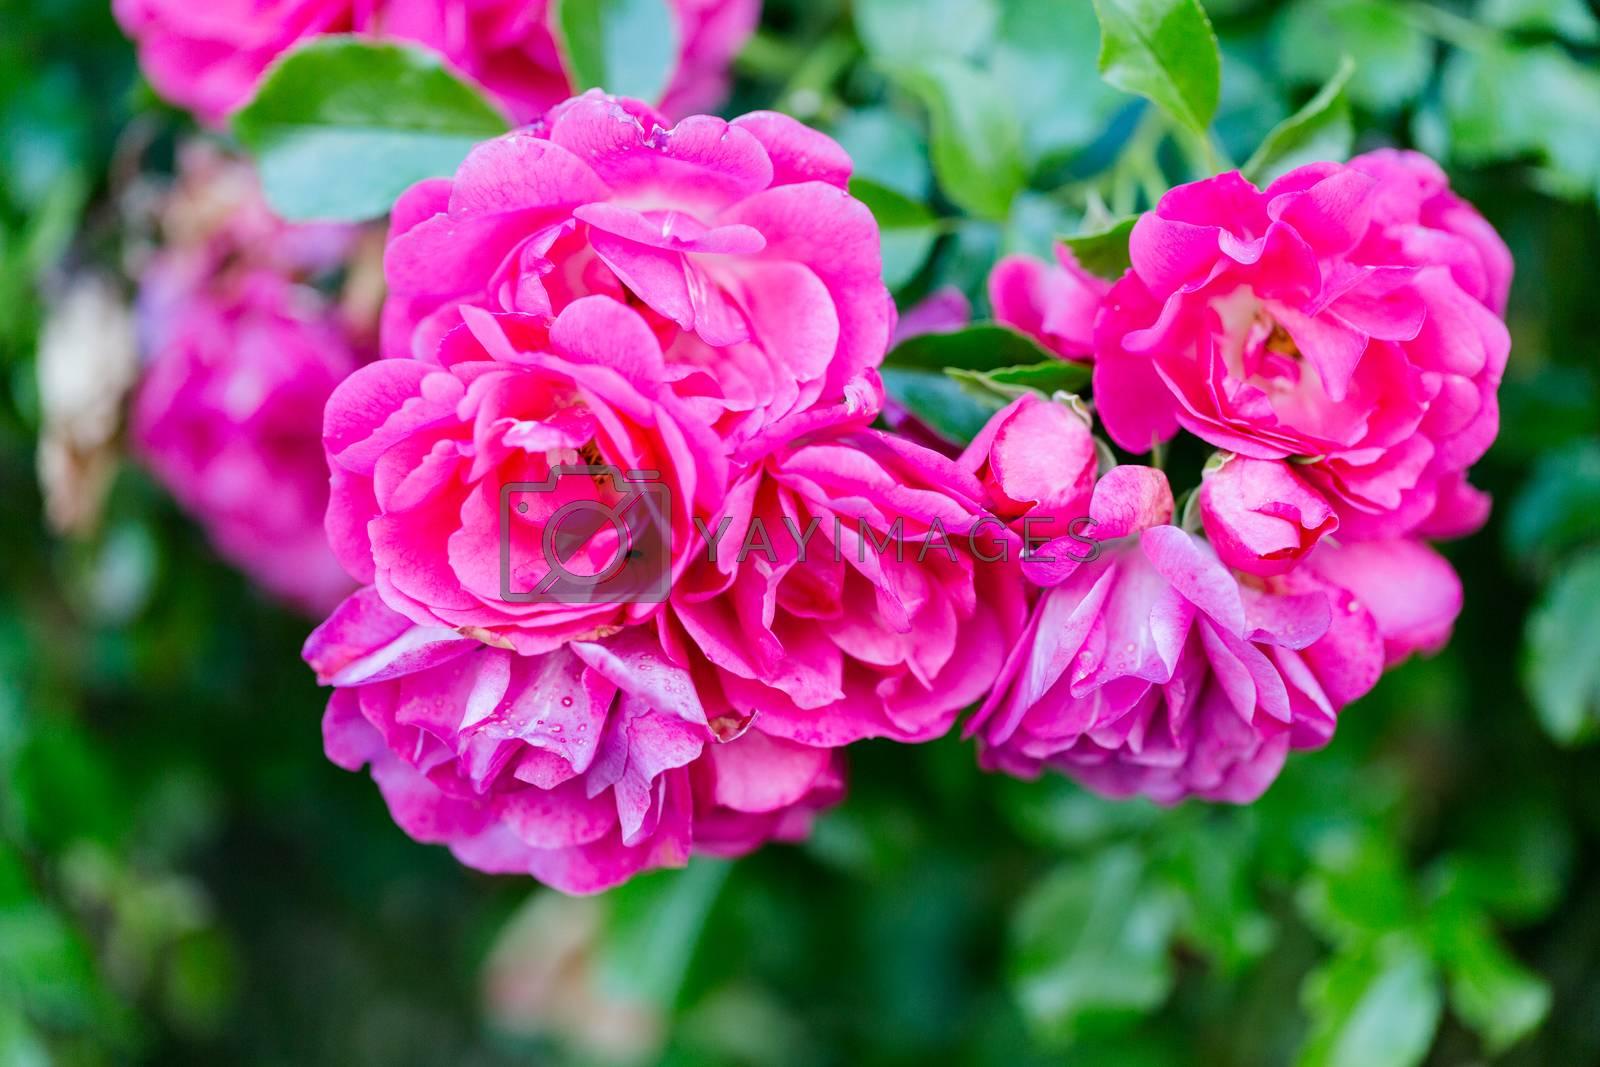 Romance lovely roses in garden